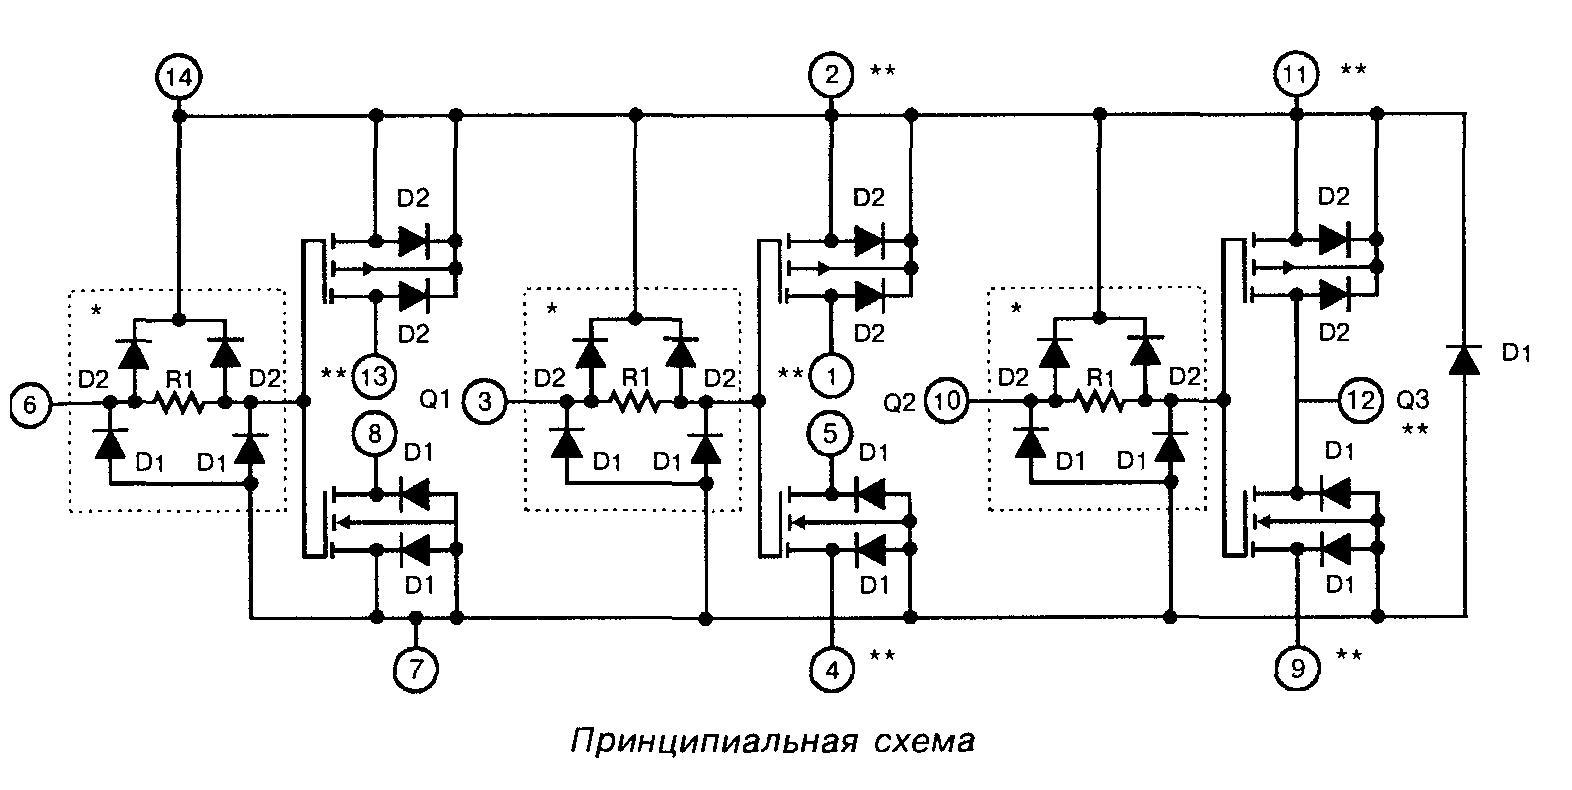 4007 - принципиальная схема